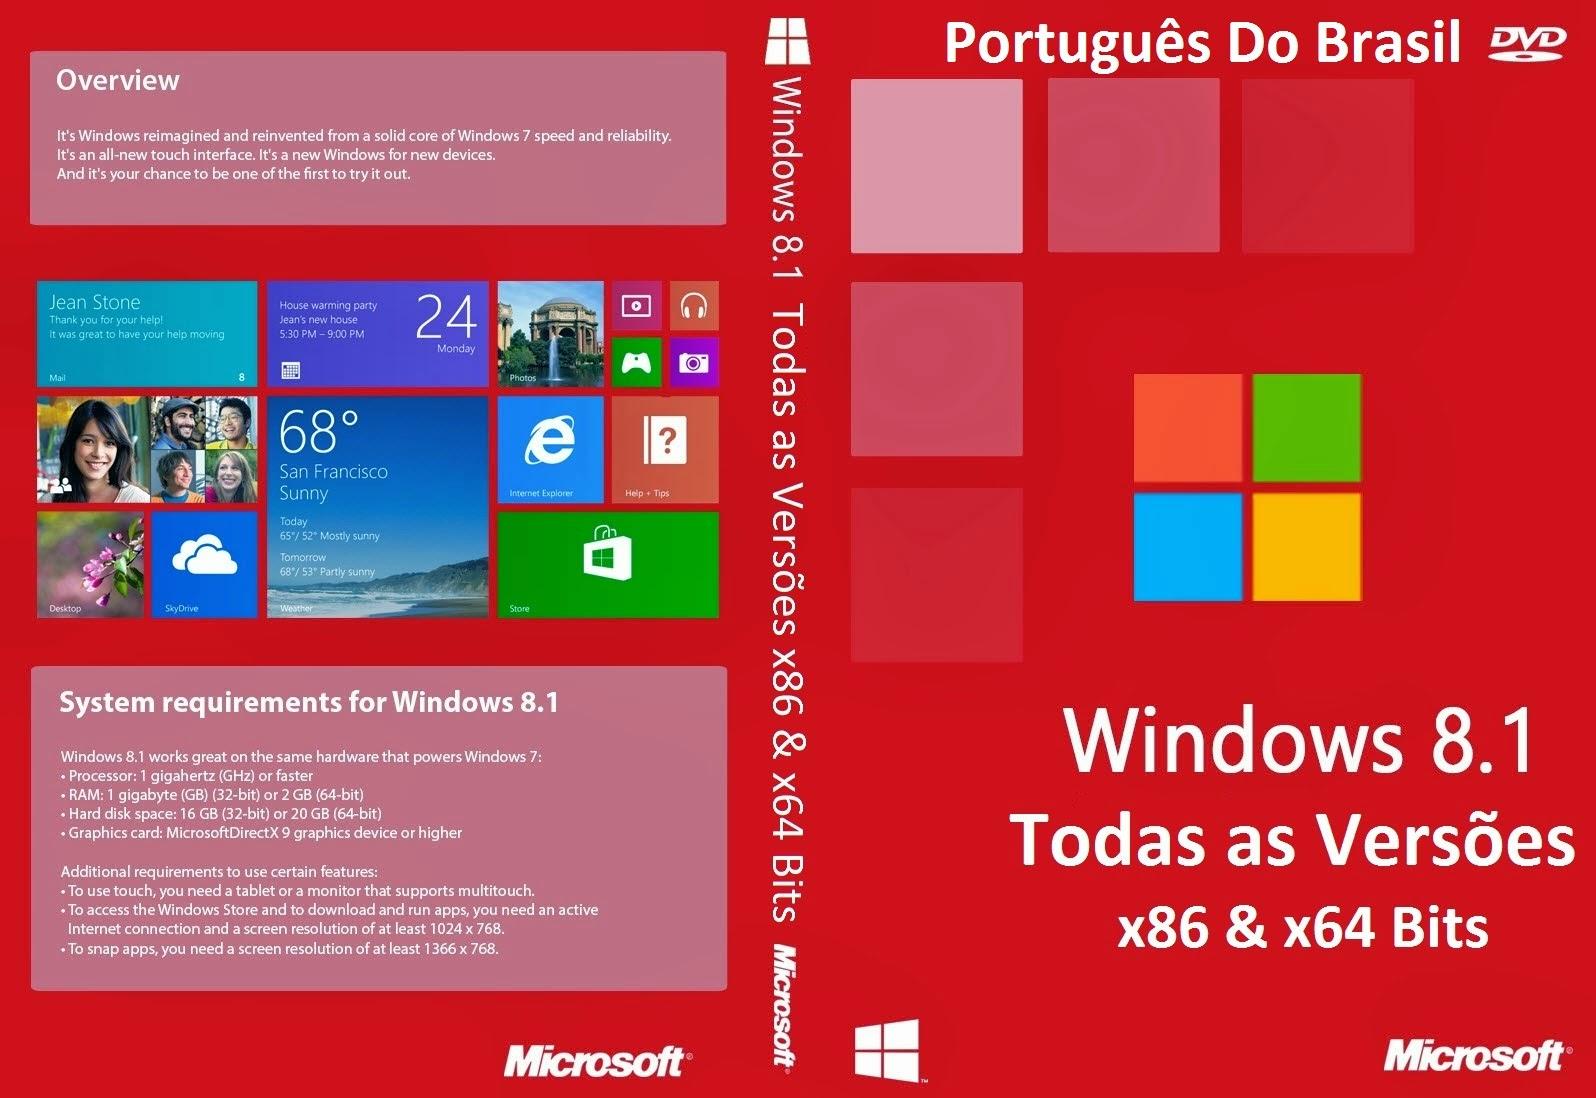 Windows 8.1 x86 e x64 Bits Todas as Versões DVD Capa